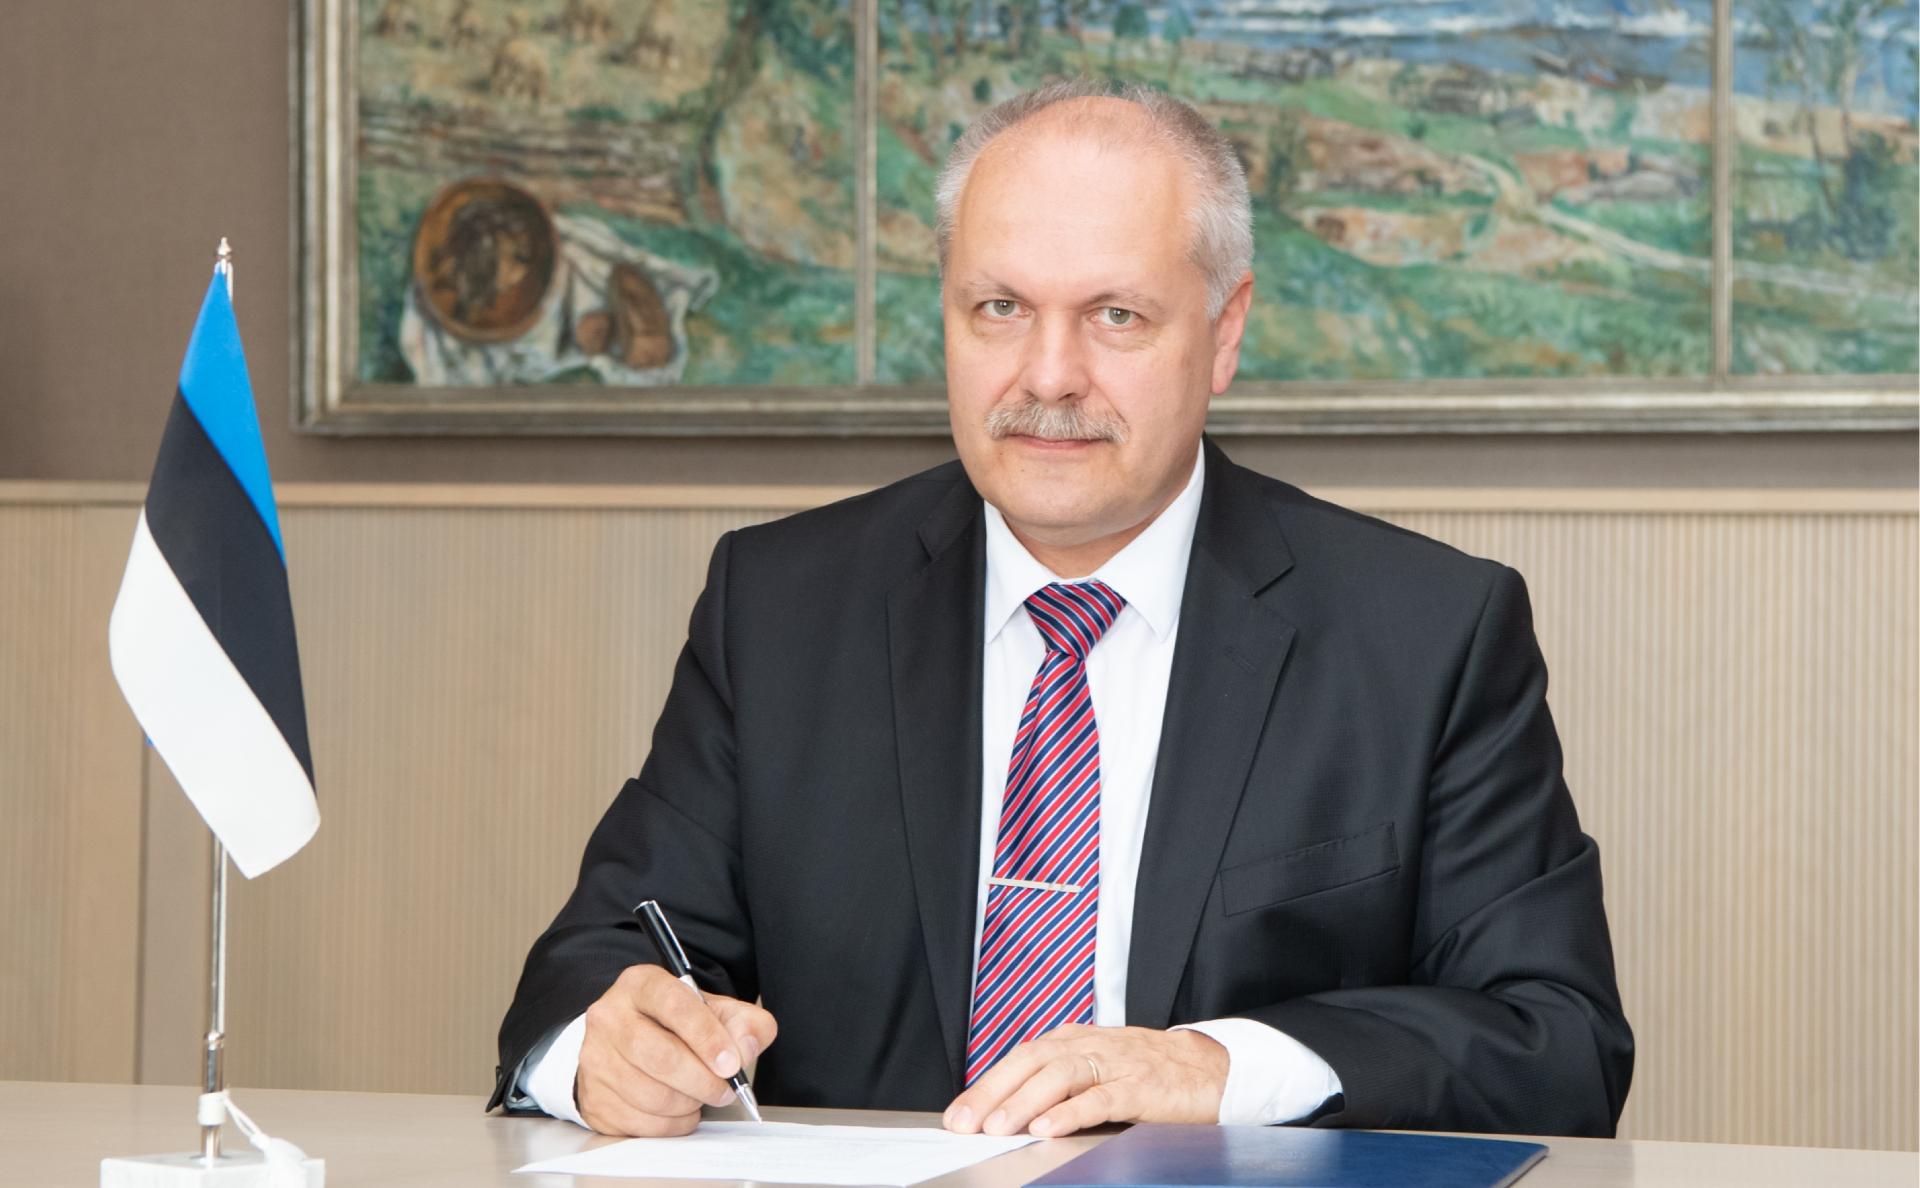 Эстонский кандидат в президенты потребовал часть российской территории